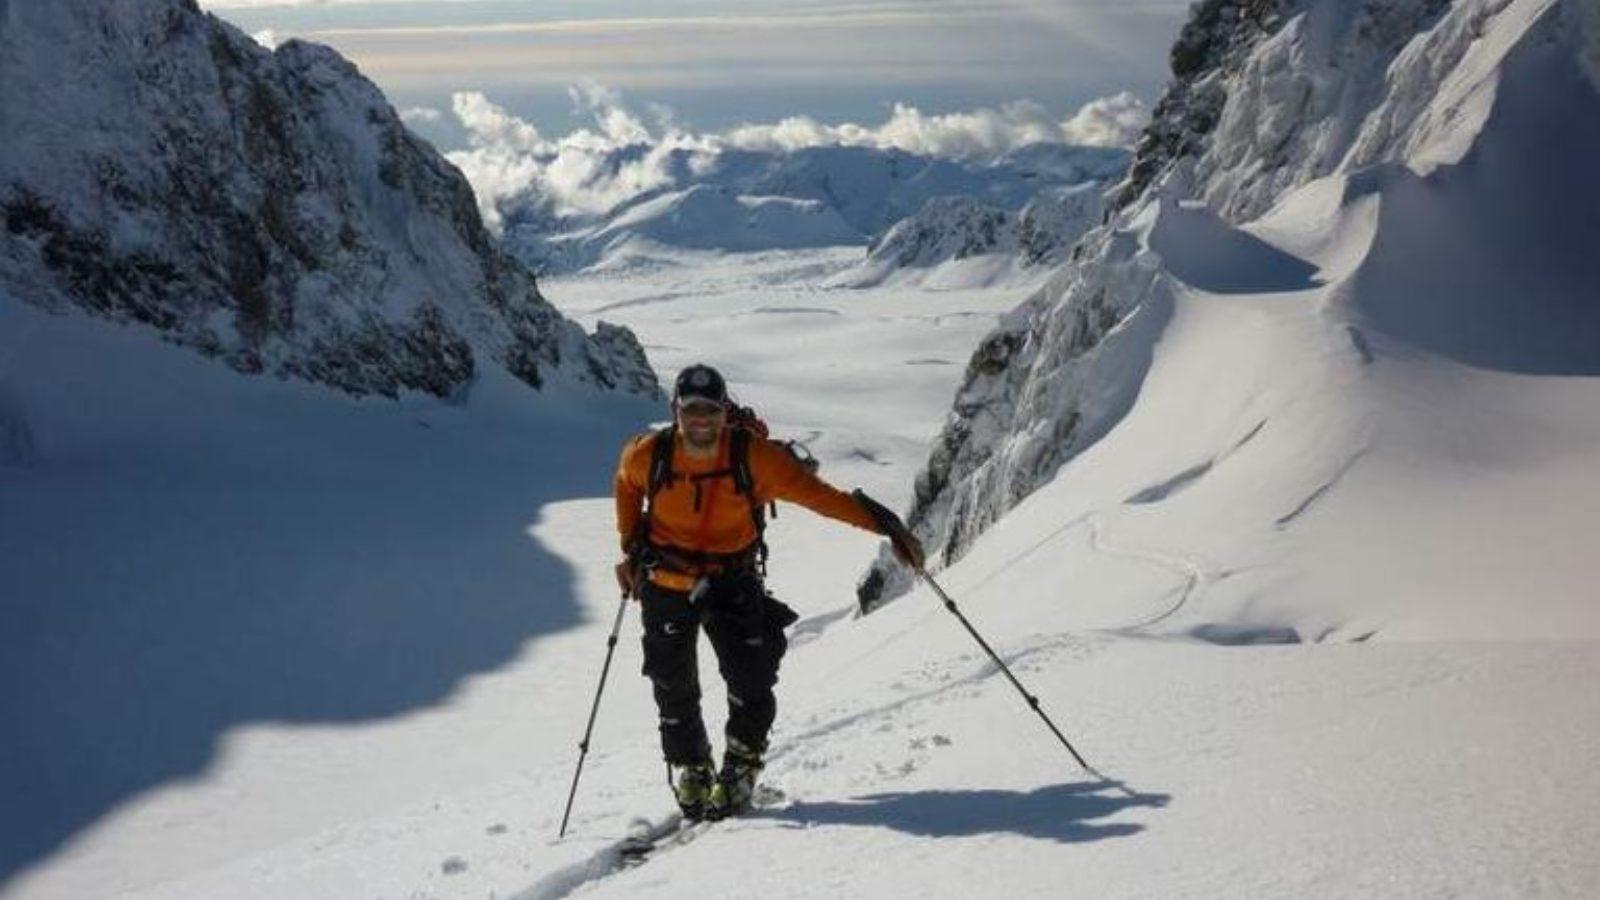 Ski touring on the glaciers